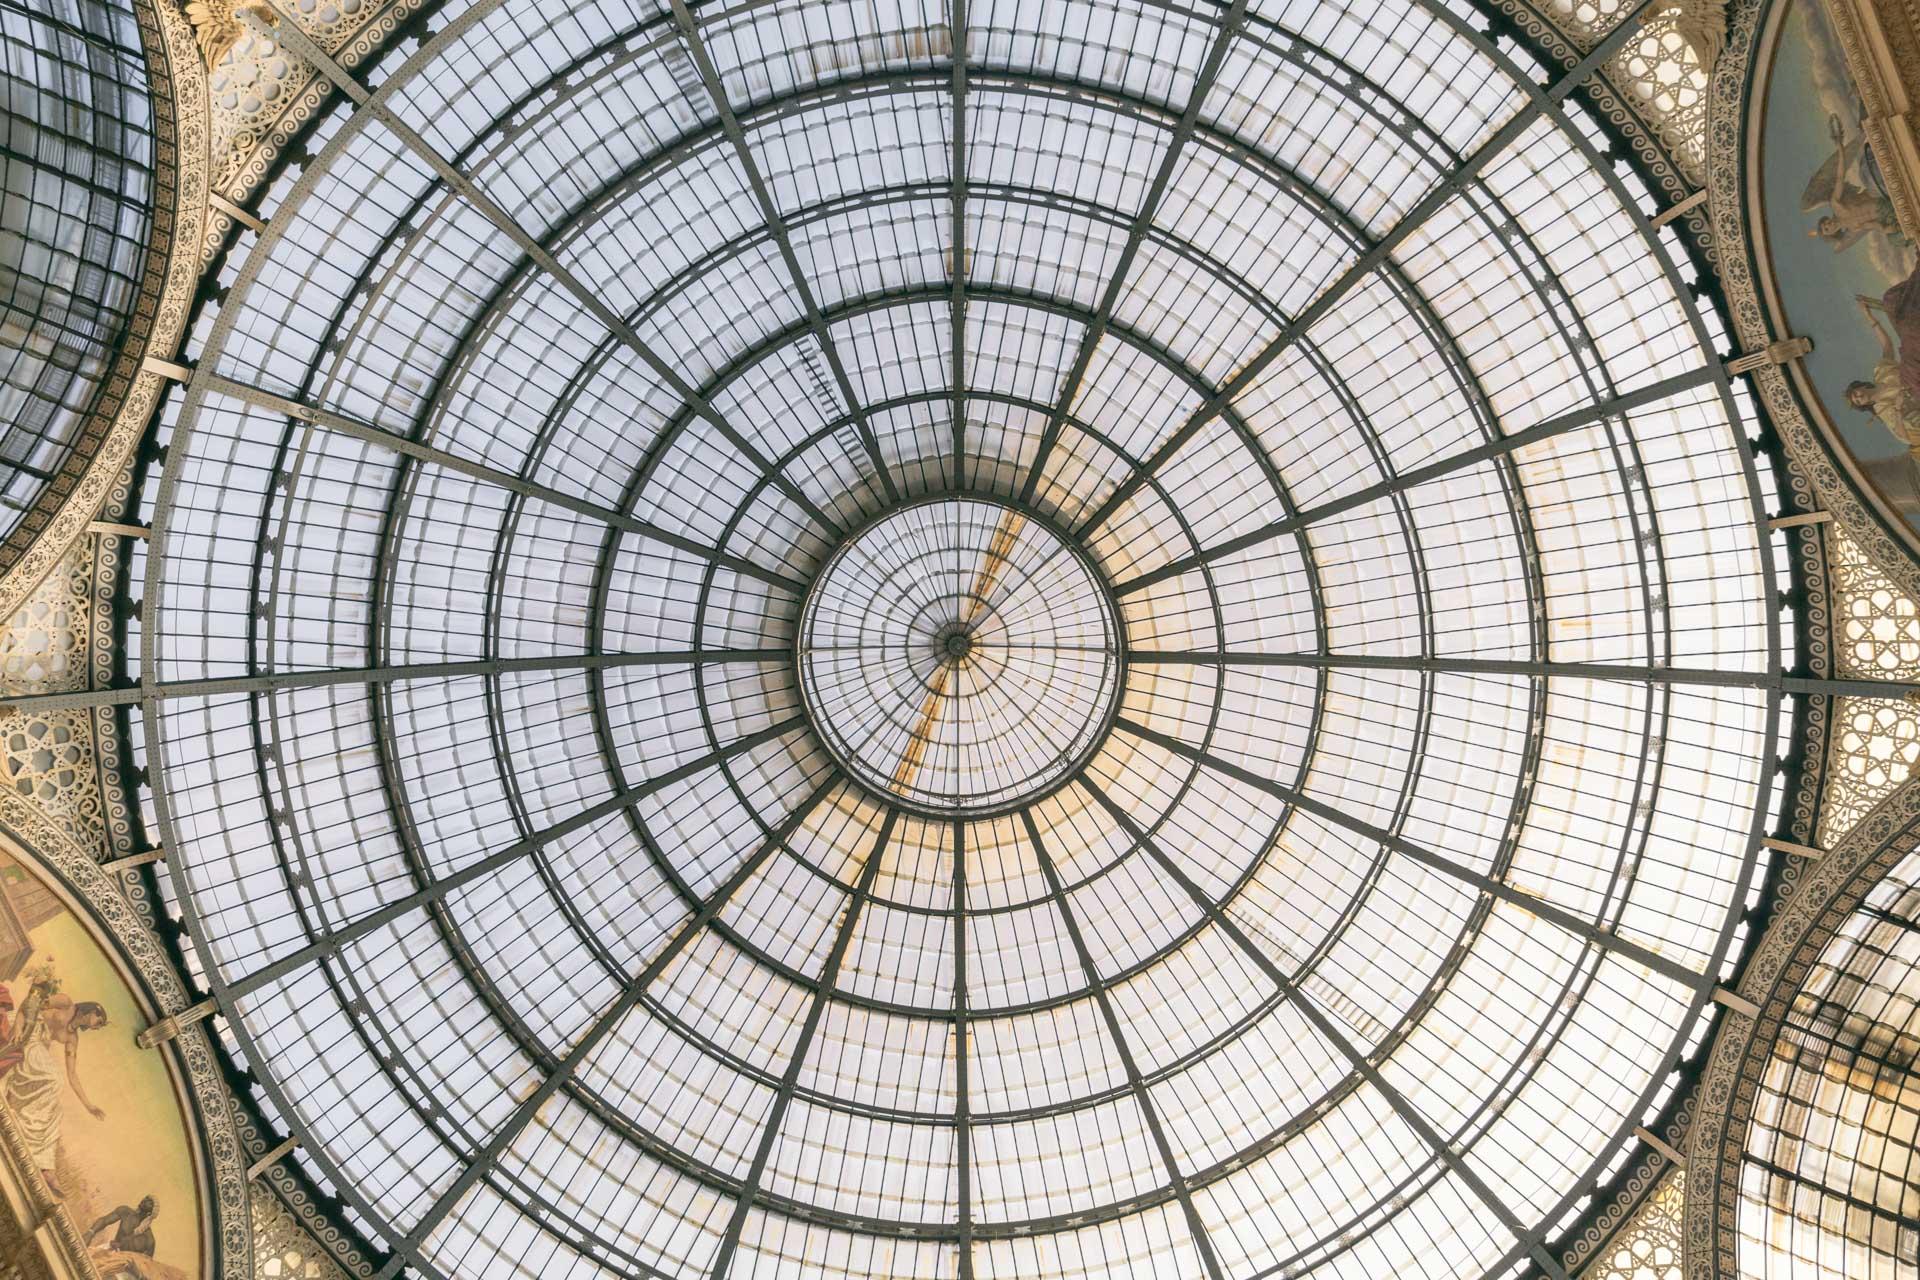 Galleria Vittorio Emanuele II roof